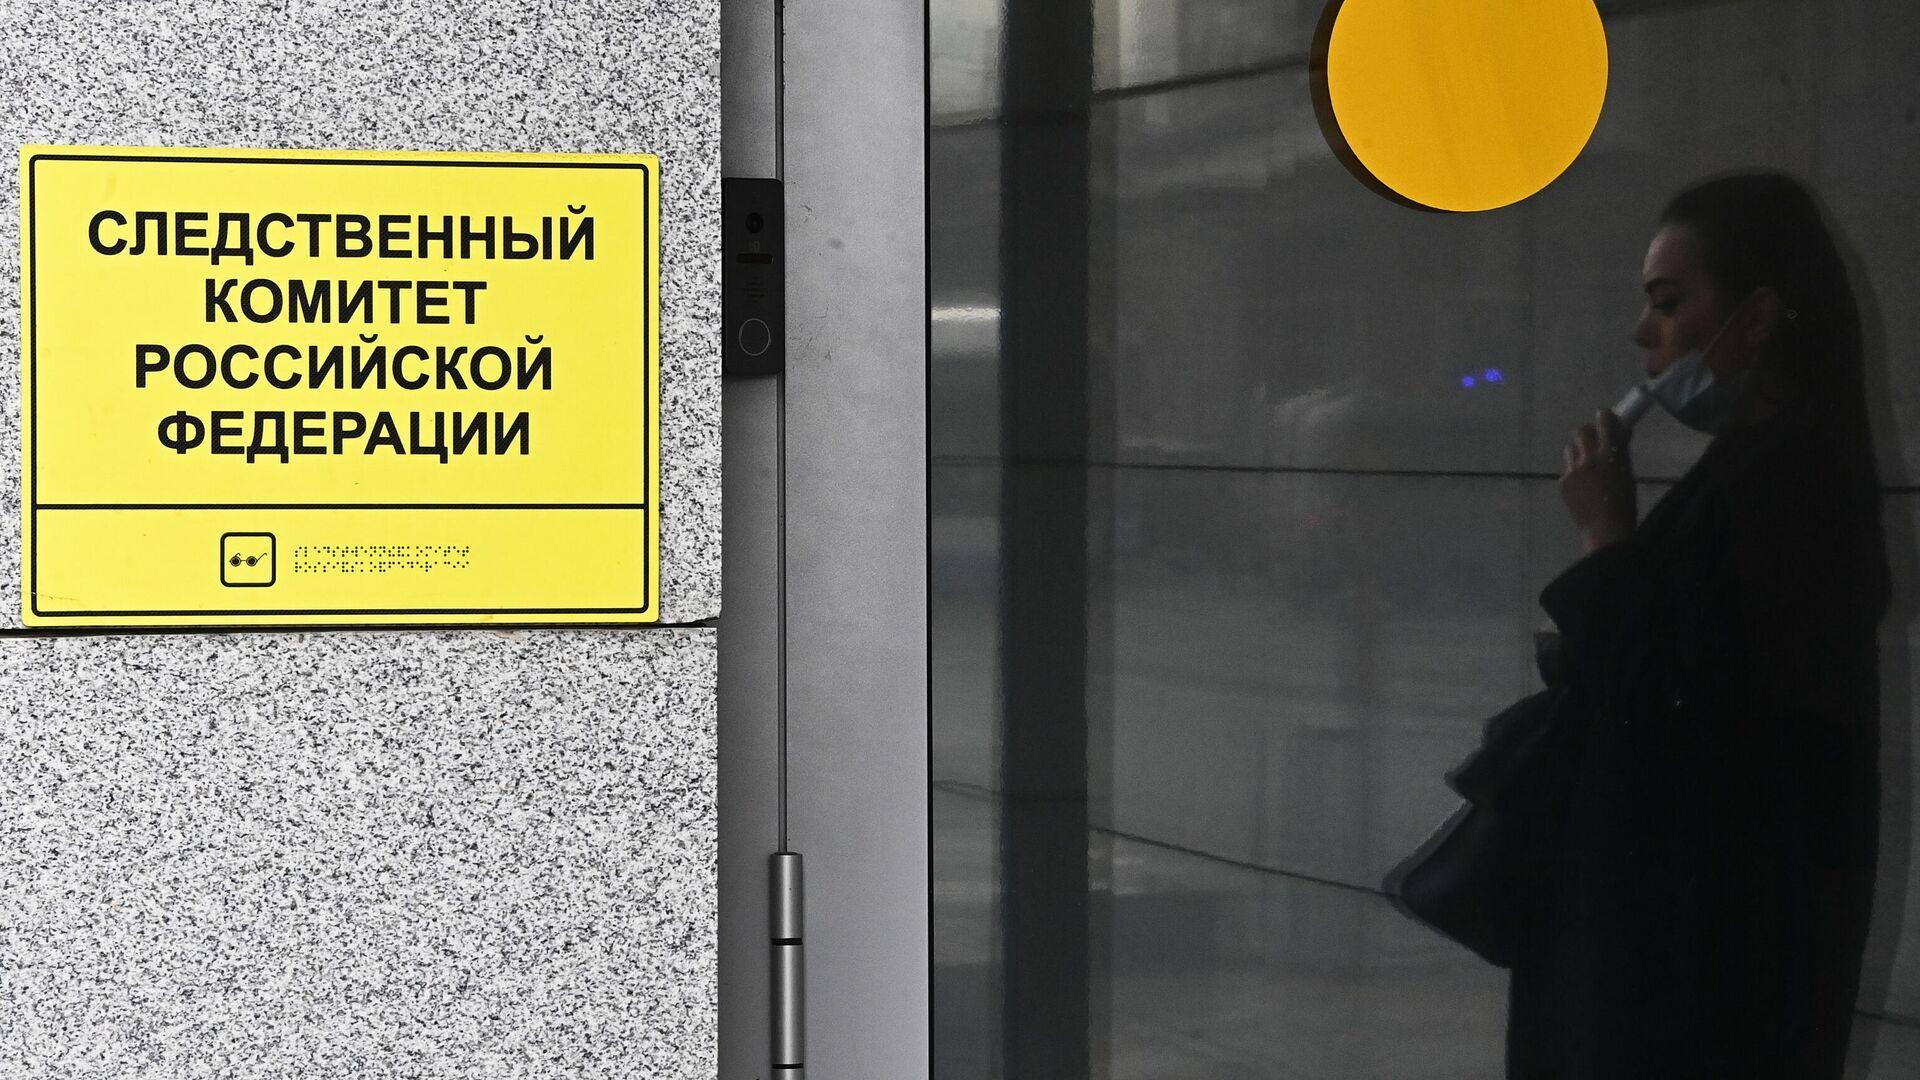 Главный редактор Медиазоны С. Смирнов вызван на допрос в СК РФ - Sputnik Армения, 1920, 23.09.2021